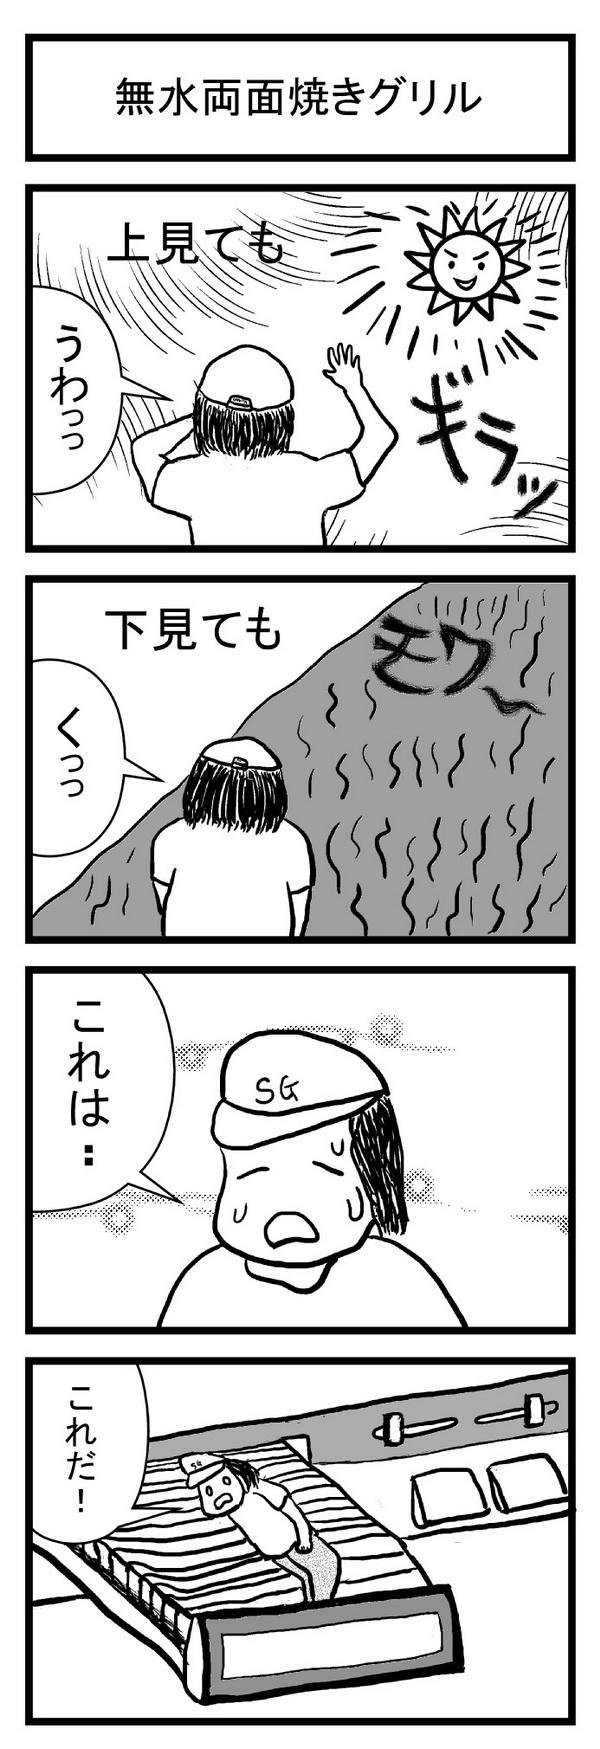 さわごえ特別-2.jpg